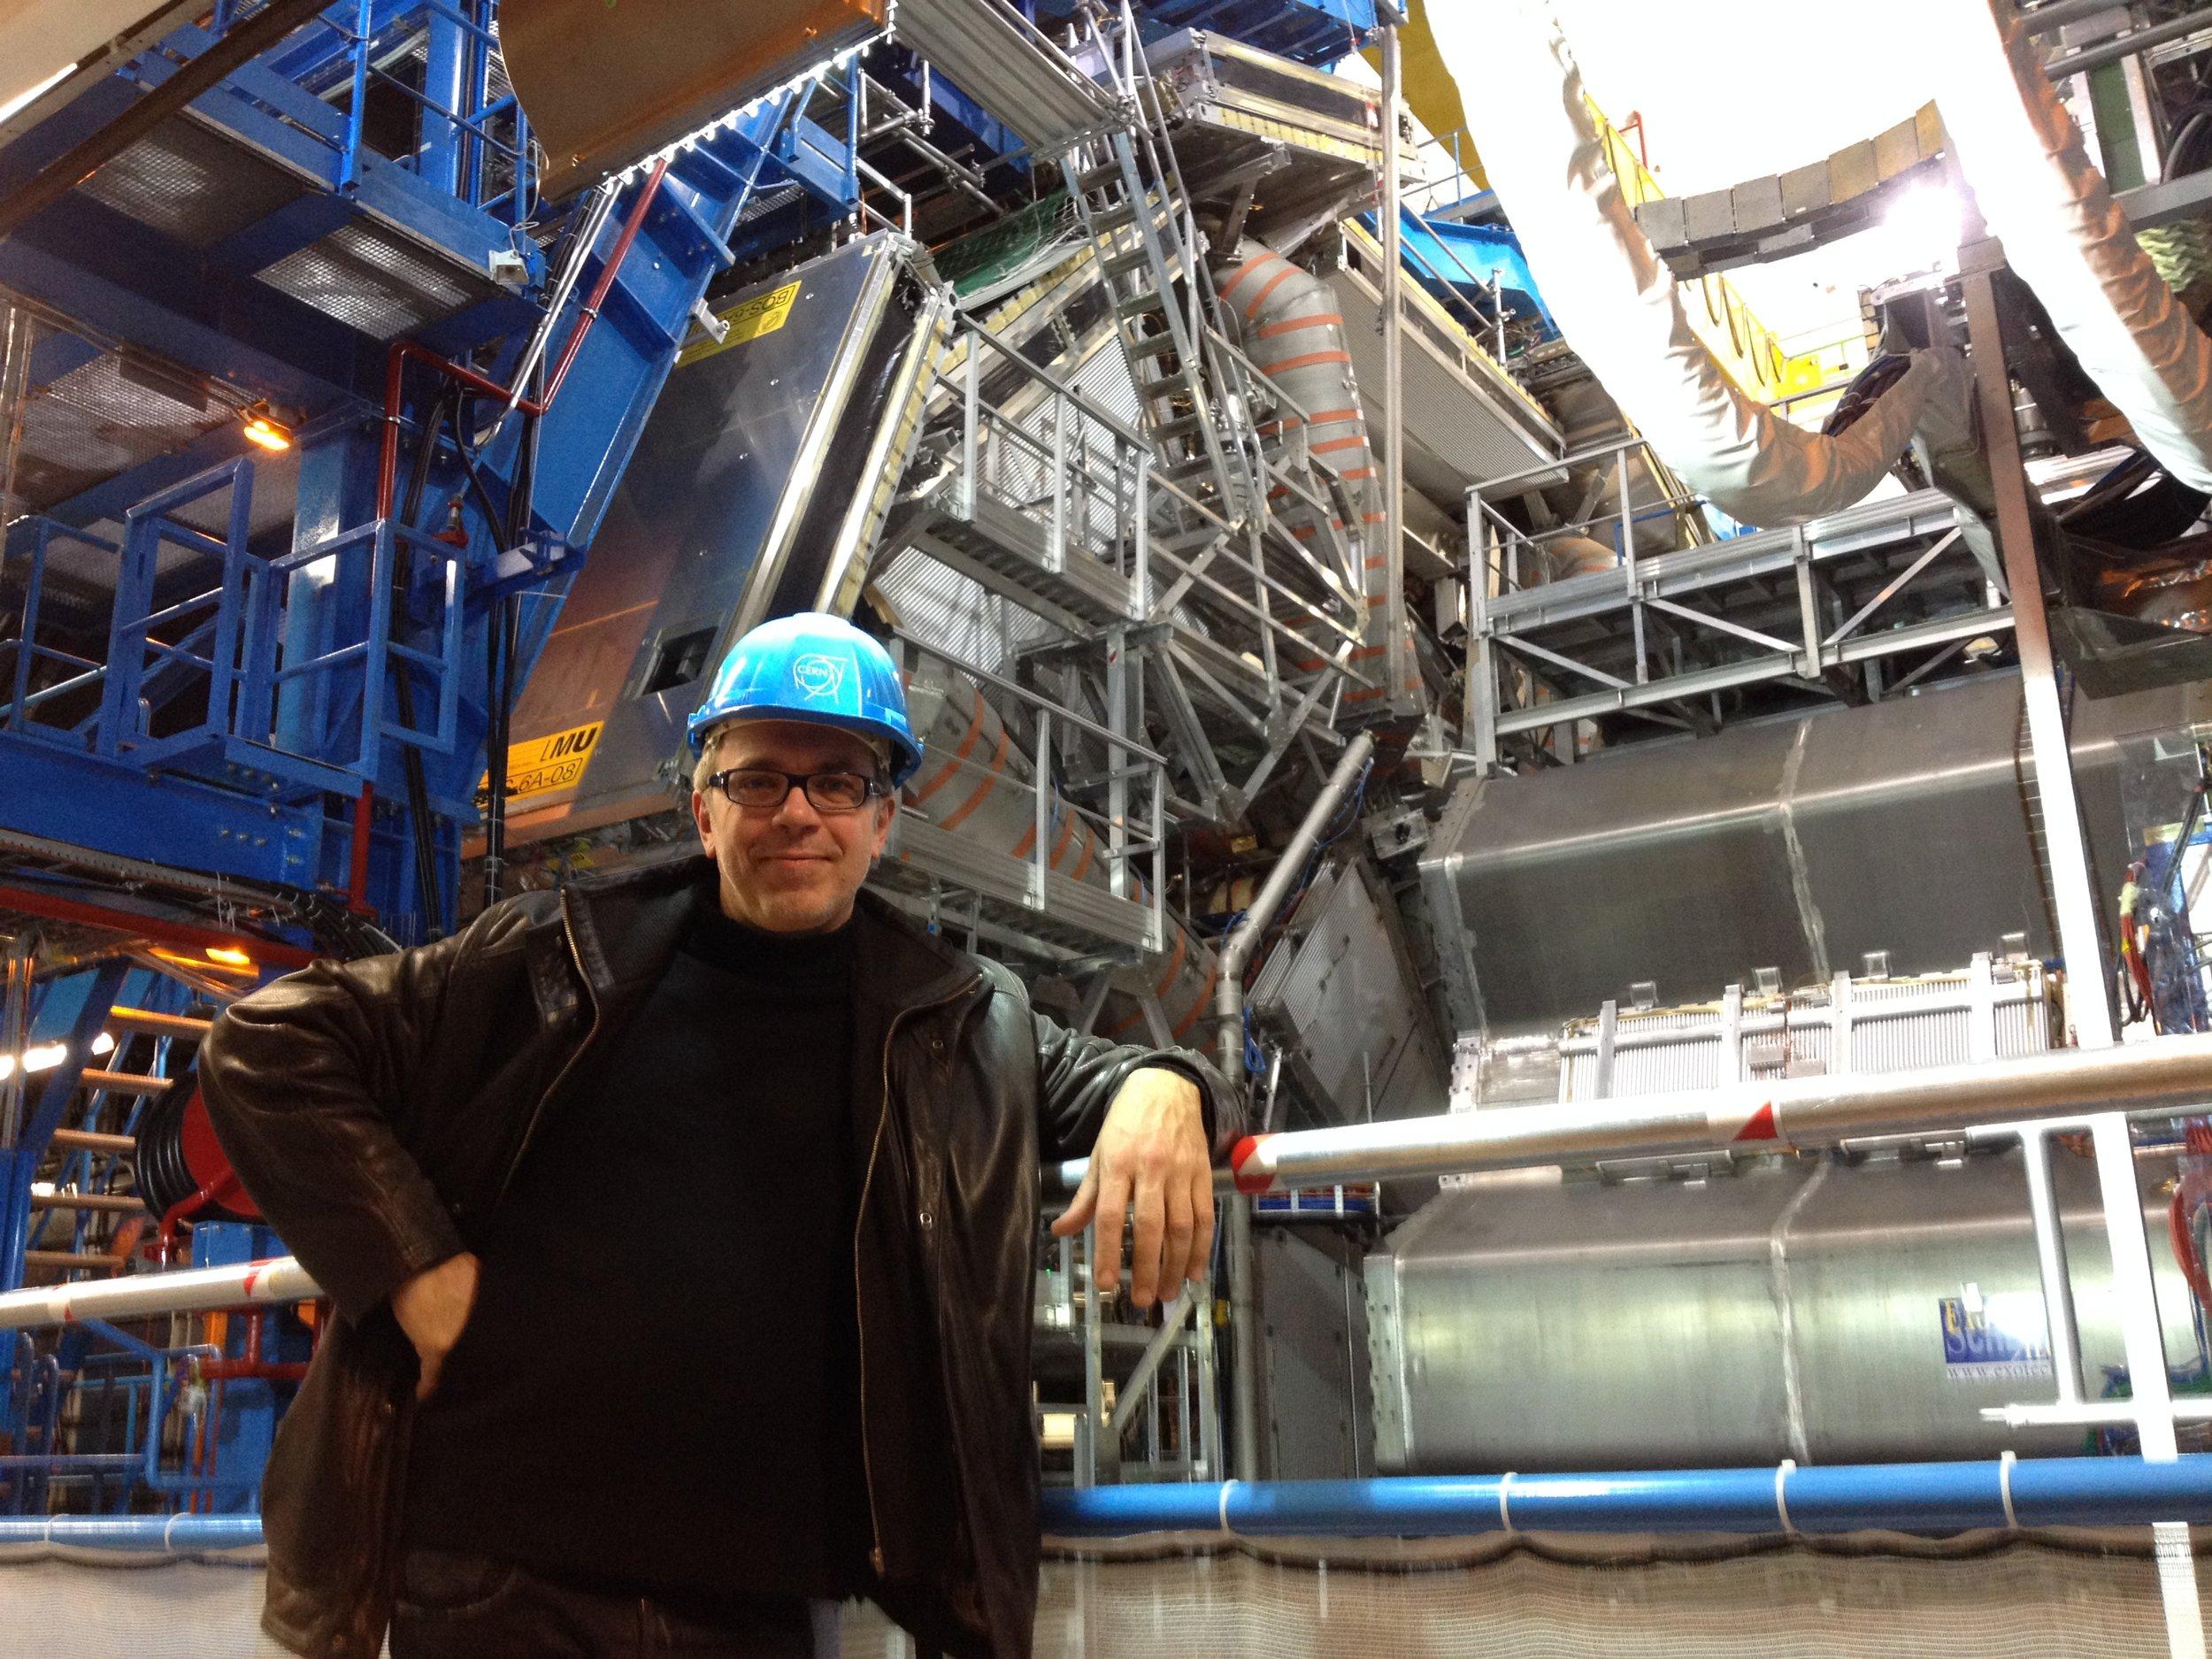 Arne Deforce visit at CERN Large Hadron Collider